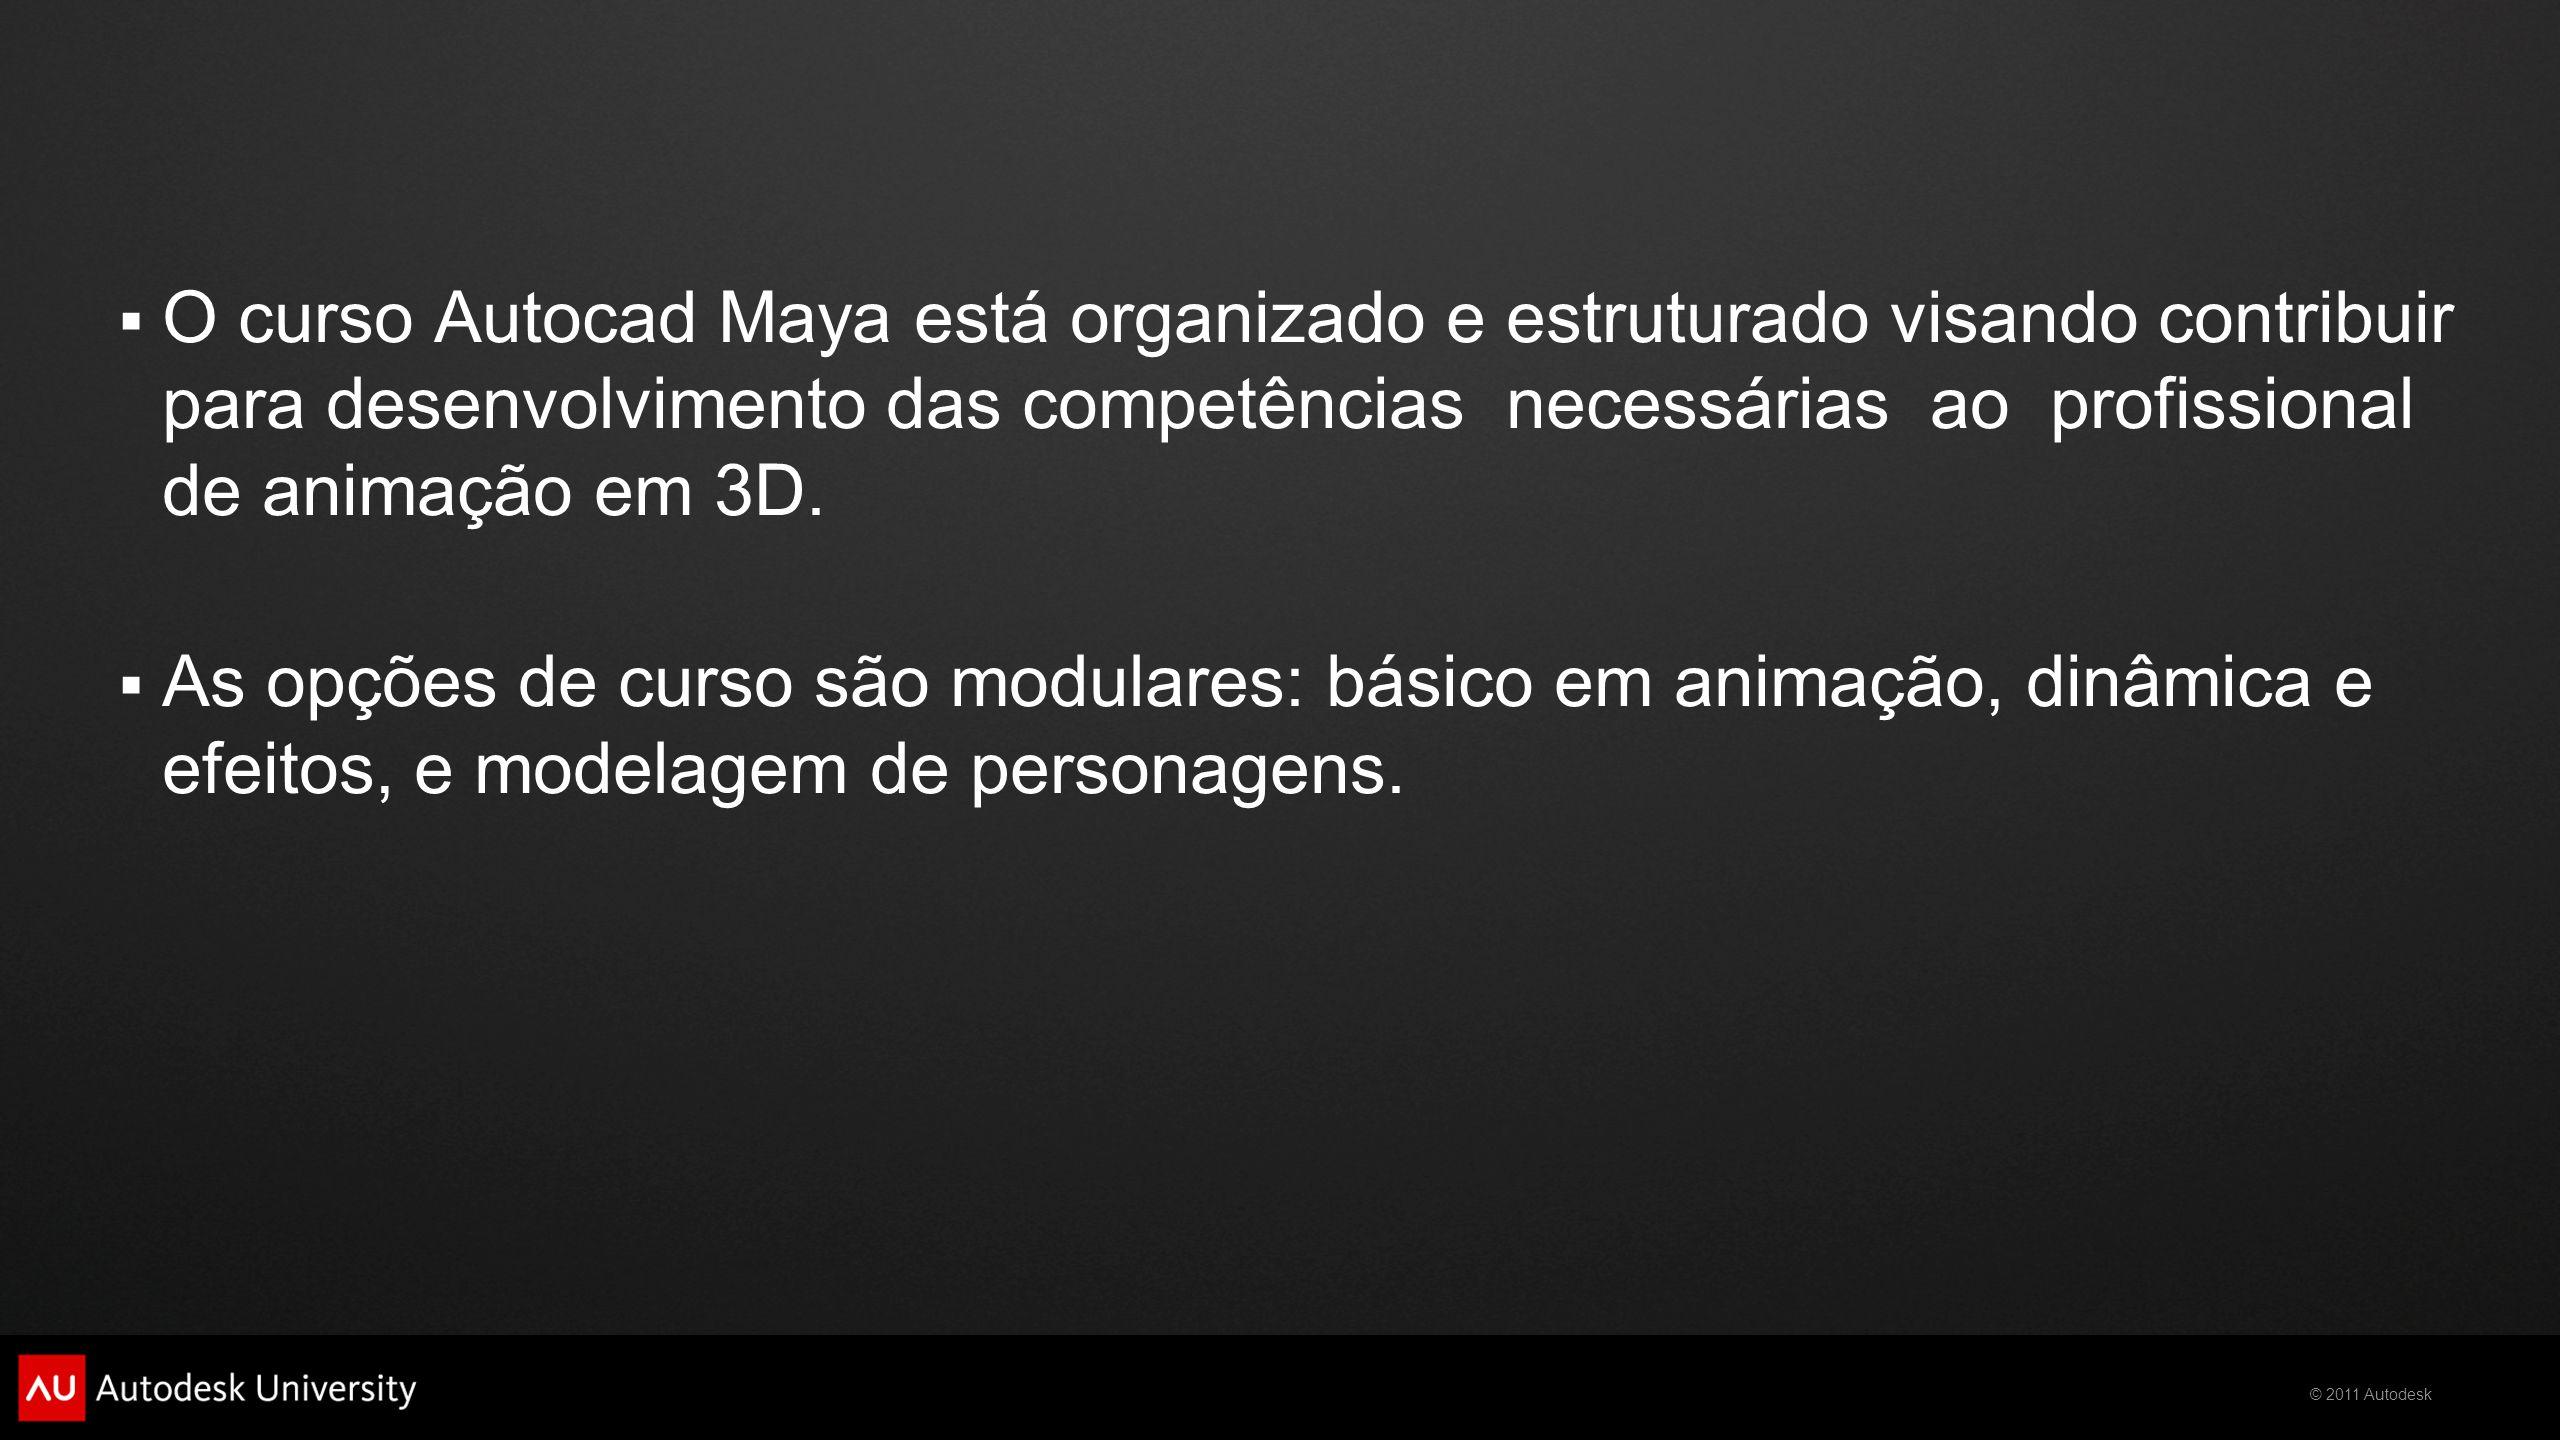 O curso Autocad Maya está organizado e estruturado visando contribuir para desenvolvimento das competências necessárias ao profissional de animação em 3D.